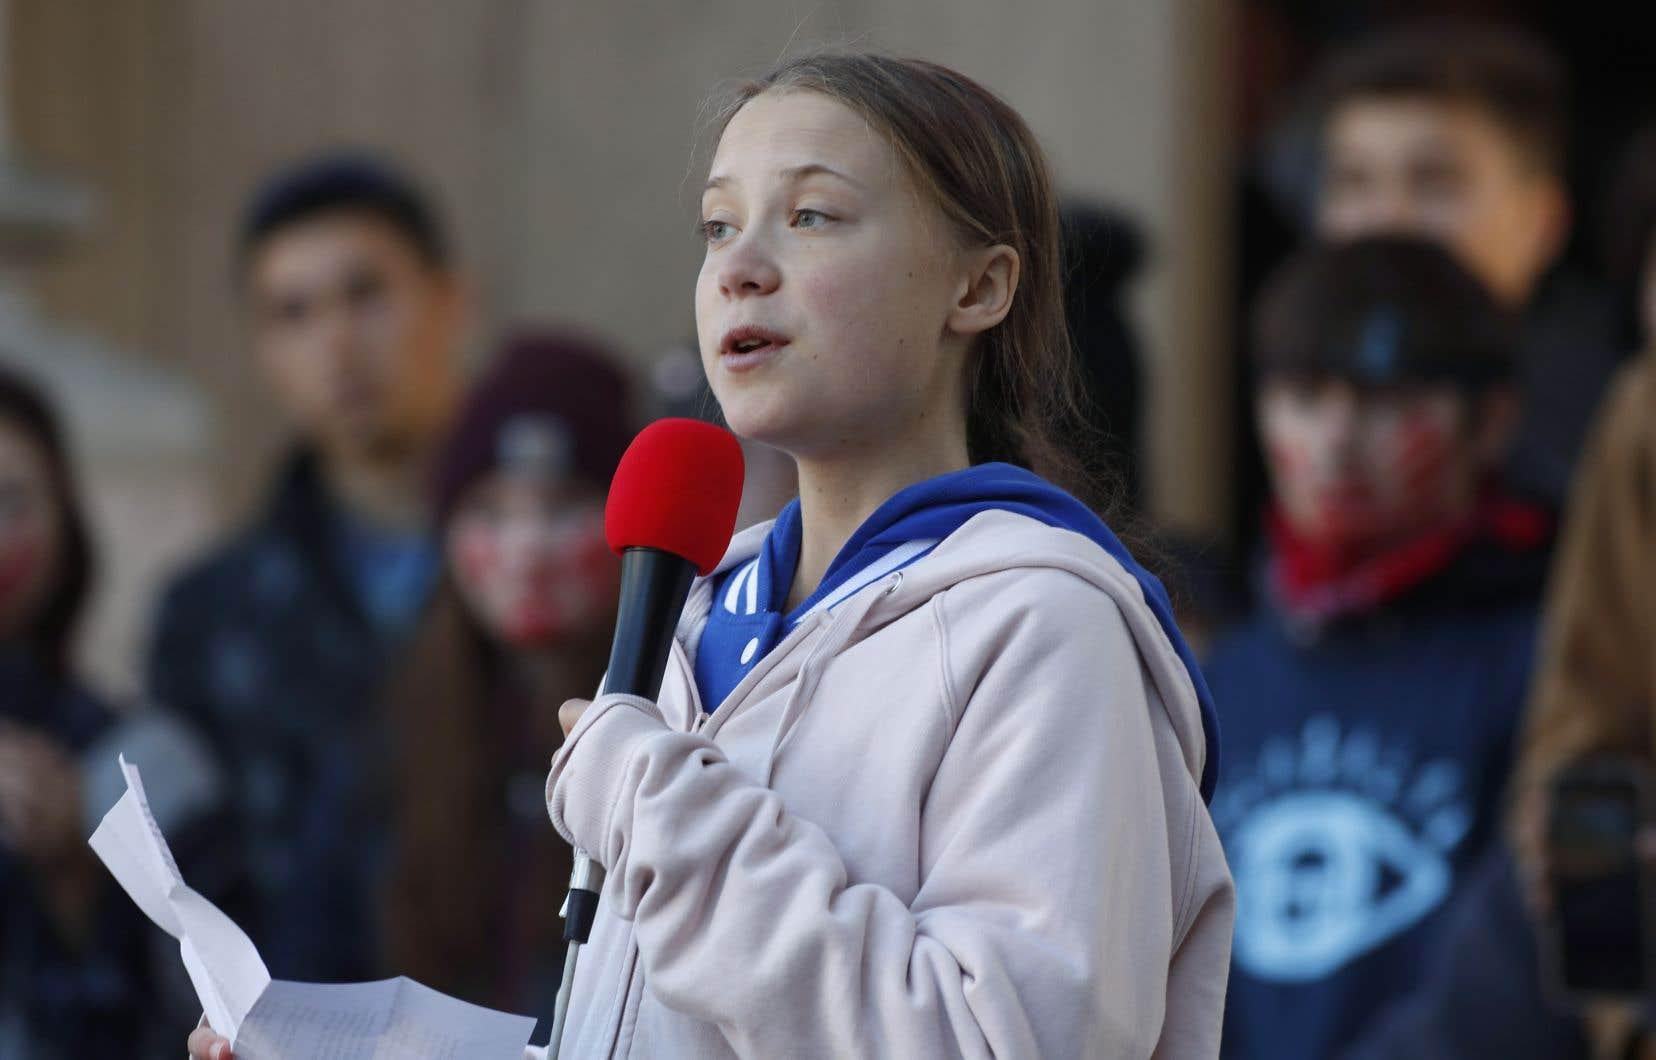 Samedi soir, la jeune activiste en environnement Greta Thunberg a annoncé qu'elle était en route vers l'Alberta, province connue pour son industrie pétrolière.